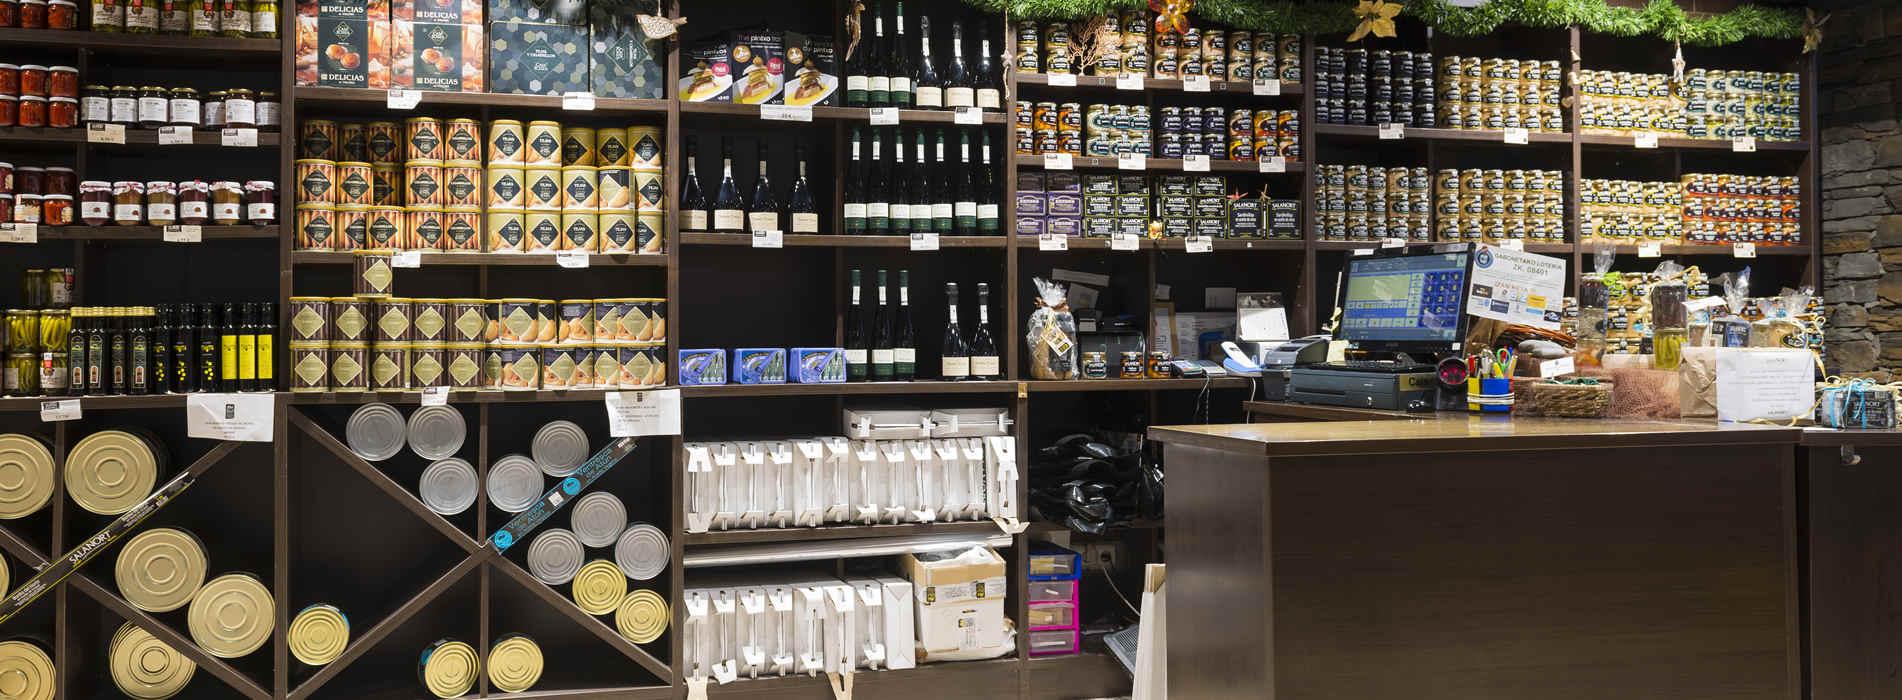 Venta de productos Salanort: pulpo Salanort, anchoa de Getaria Salanort, bonito del Cantábrico Salanort, ventresca de bonito Salanort, conservas Salanort.